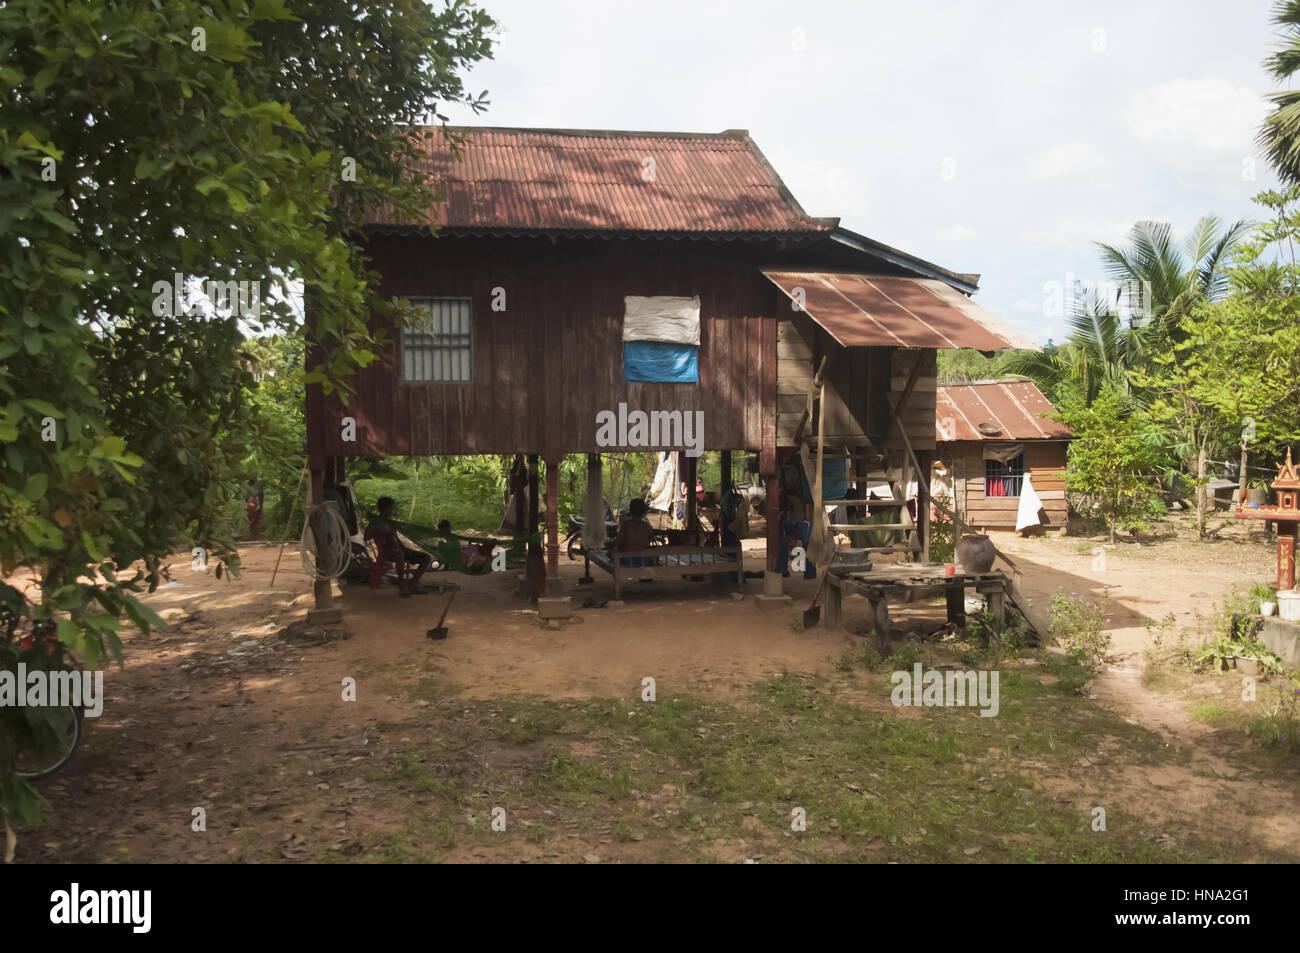 Malerisch Haus Auf Stelzen Galerie Von Traditionelles Stelzen, Siem Reap, Kambodscha